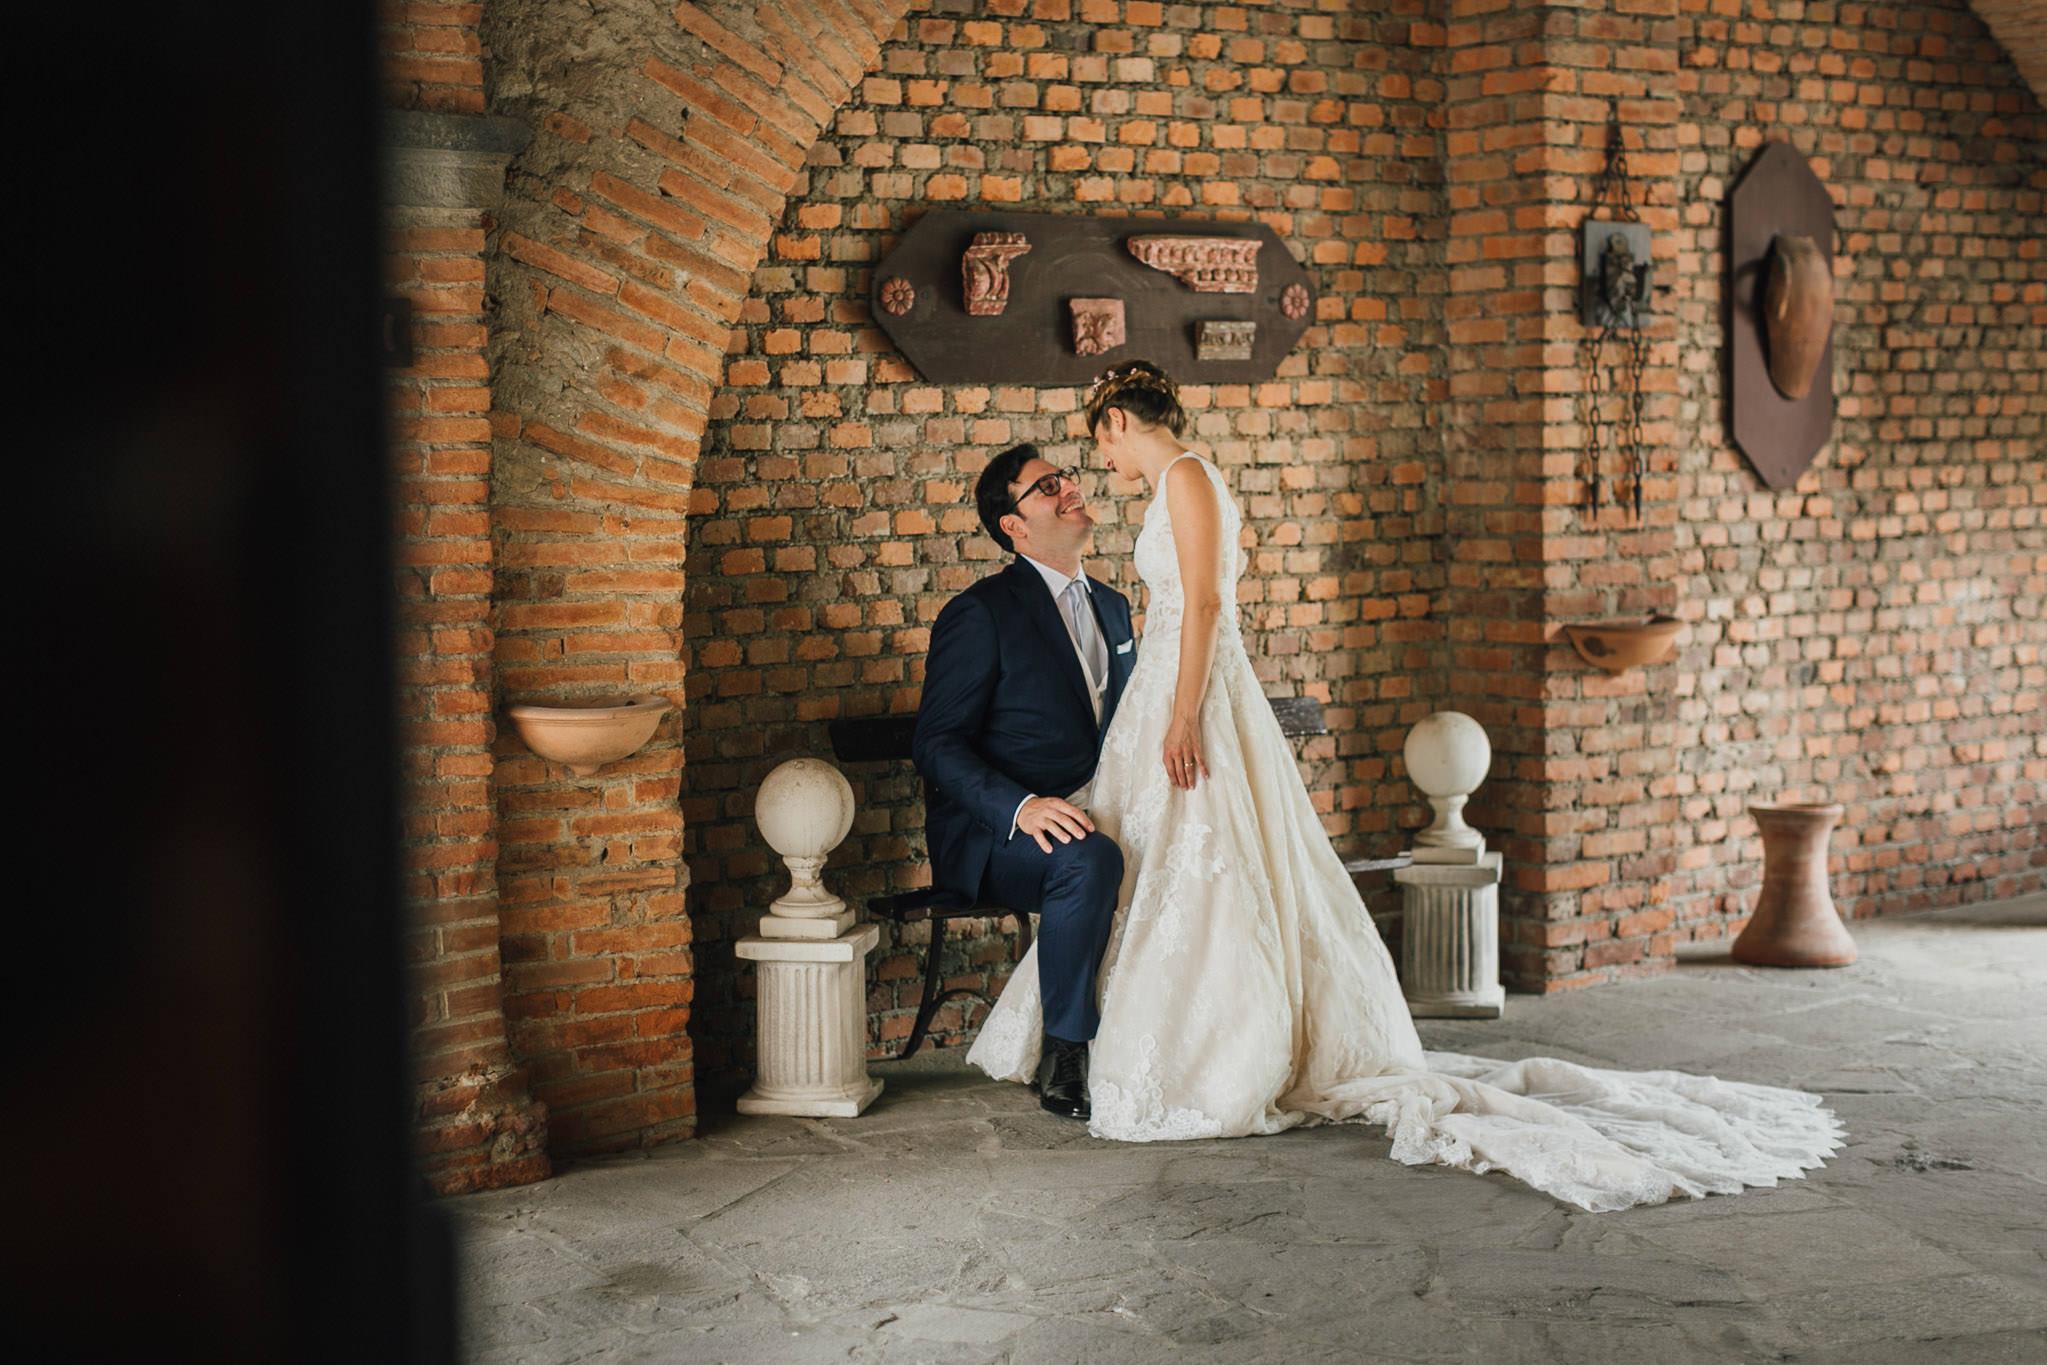 Matrimonio internazionale al Castello della Marigolda